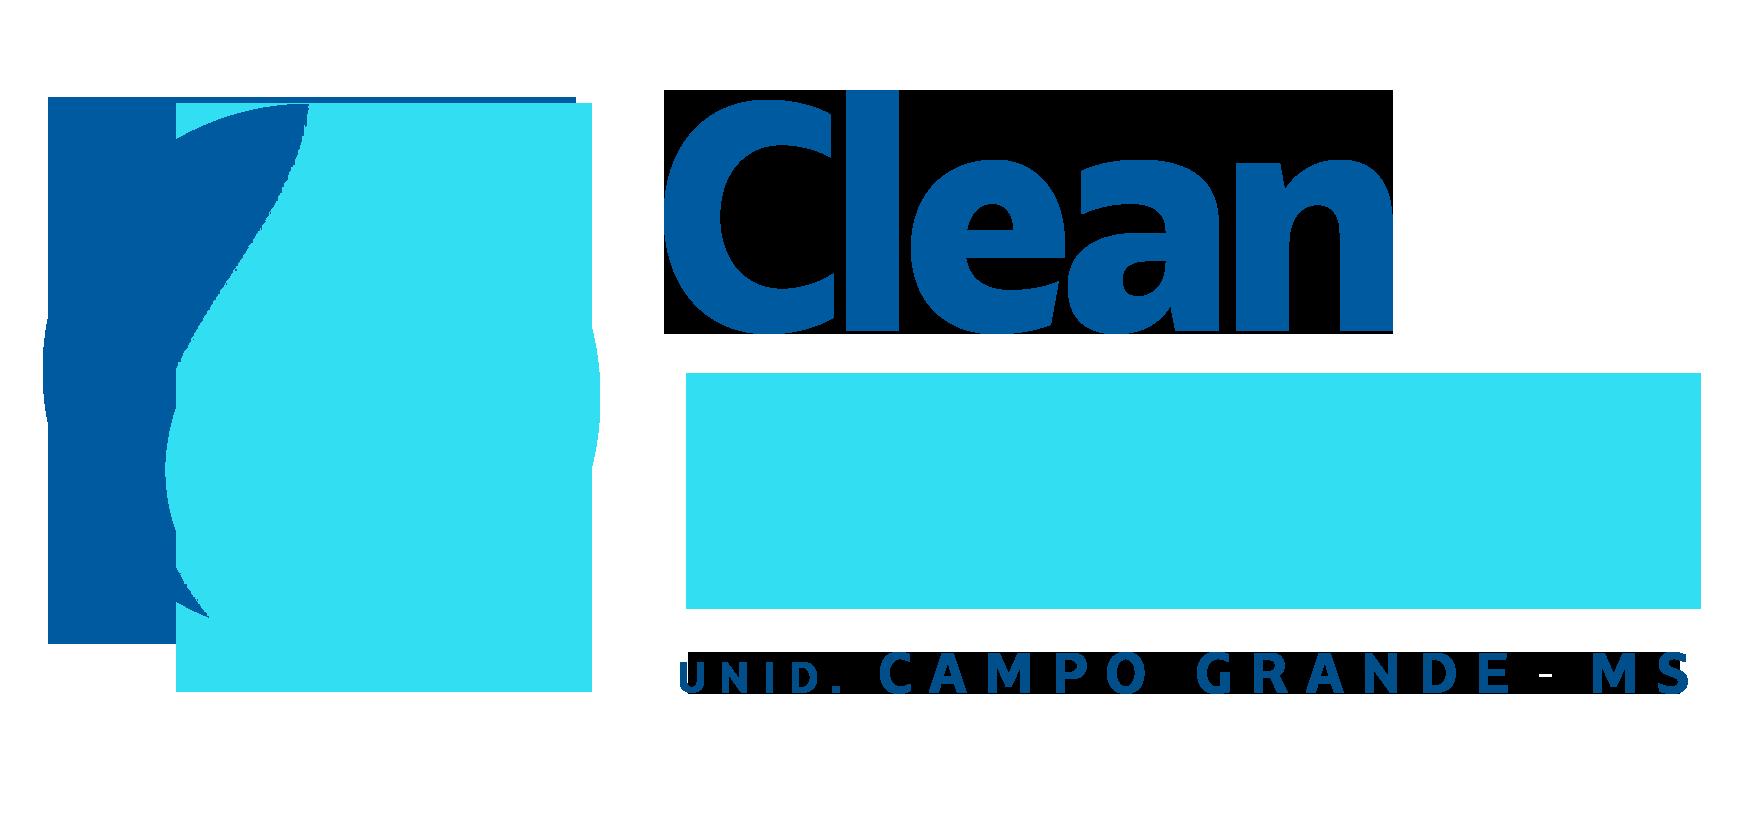 Clean House MS - Higienização e Cursos de Lavagem a Seco de Estofados Delivery